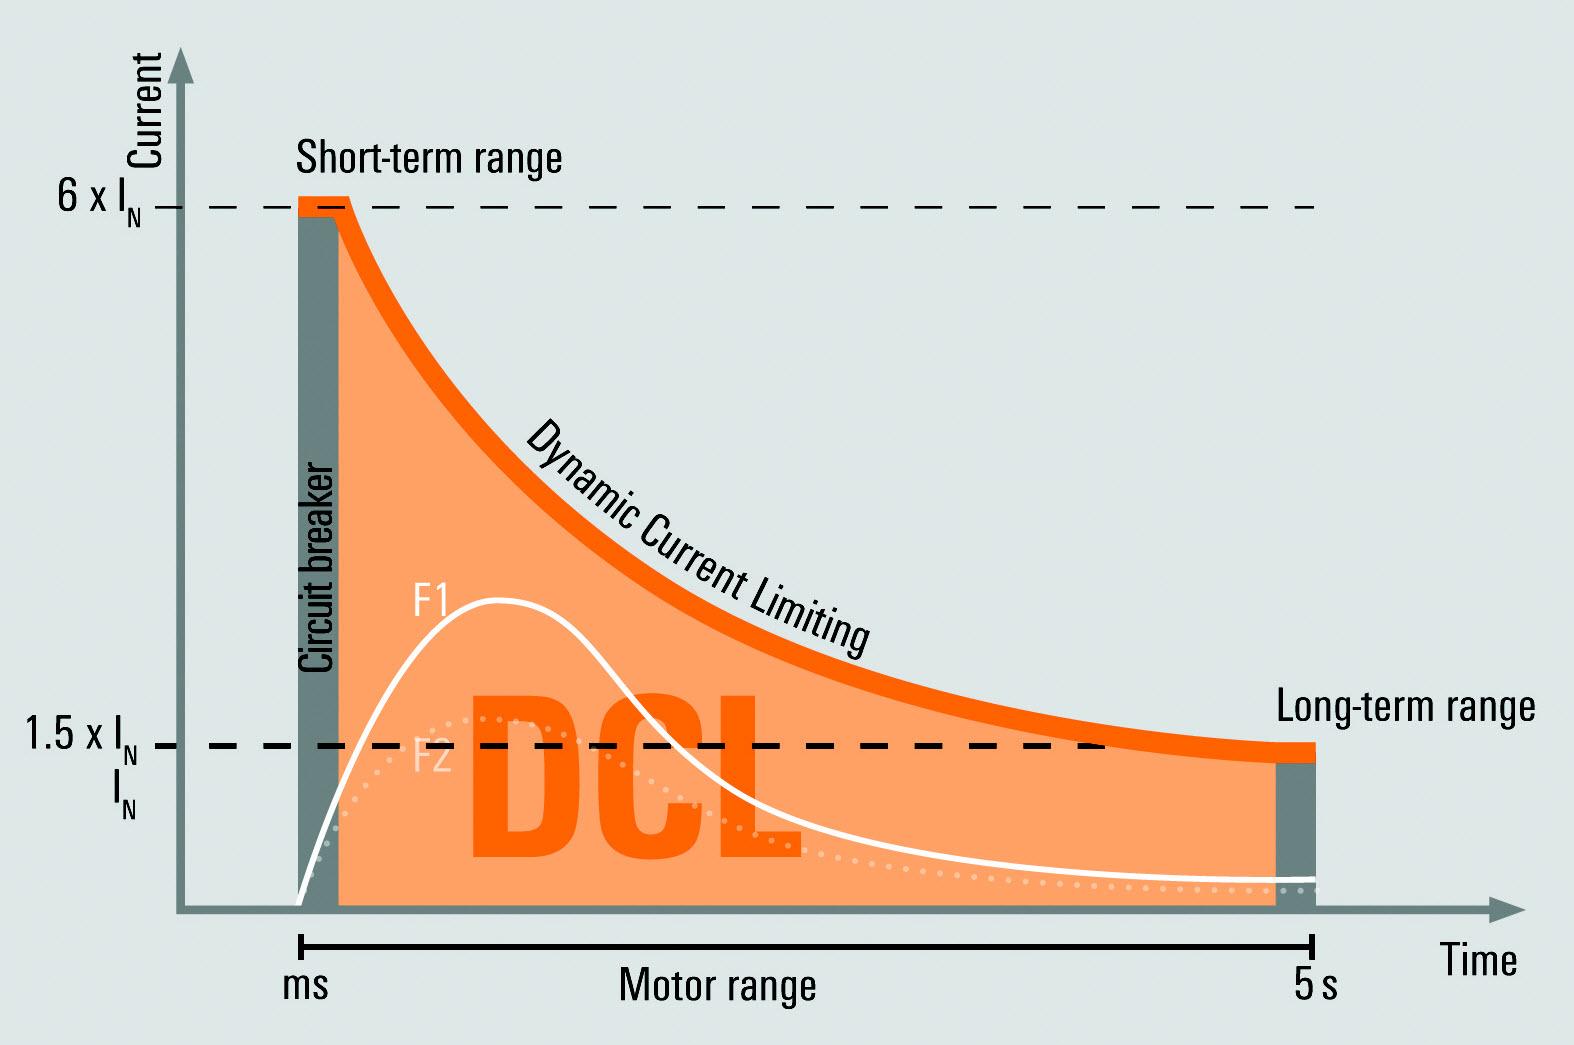 Rys. 2: Zasilacze PROtop mają bardzo duże rezerwy energii dzięki innowacyjnej technologii DCL. Rezerwy te są idealne dla impulsu wyzwalającego wyłączników lub jako zapas dodatkowej energii do rozruchu dużego silnika.